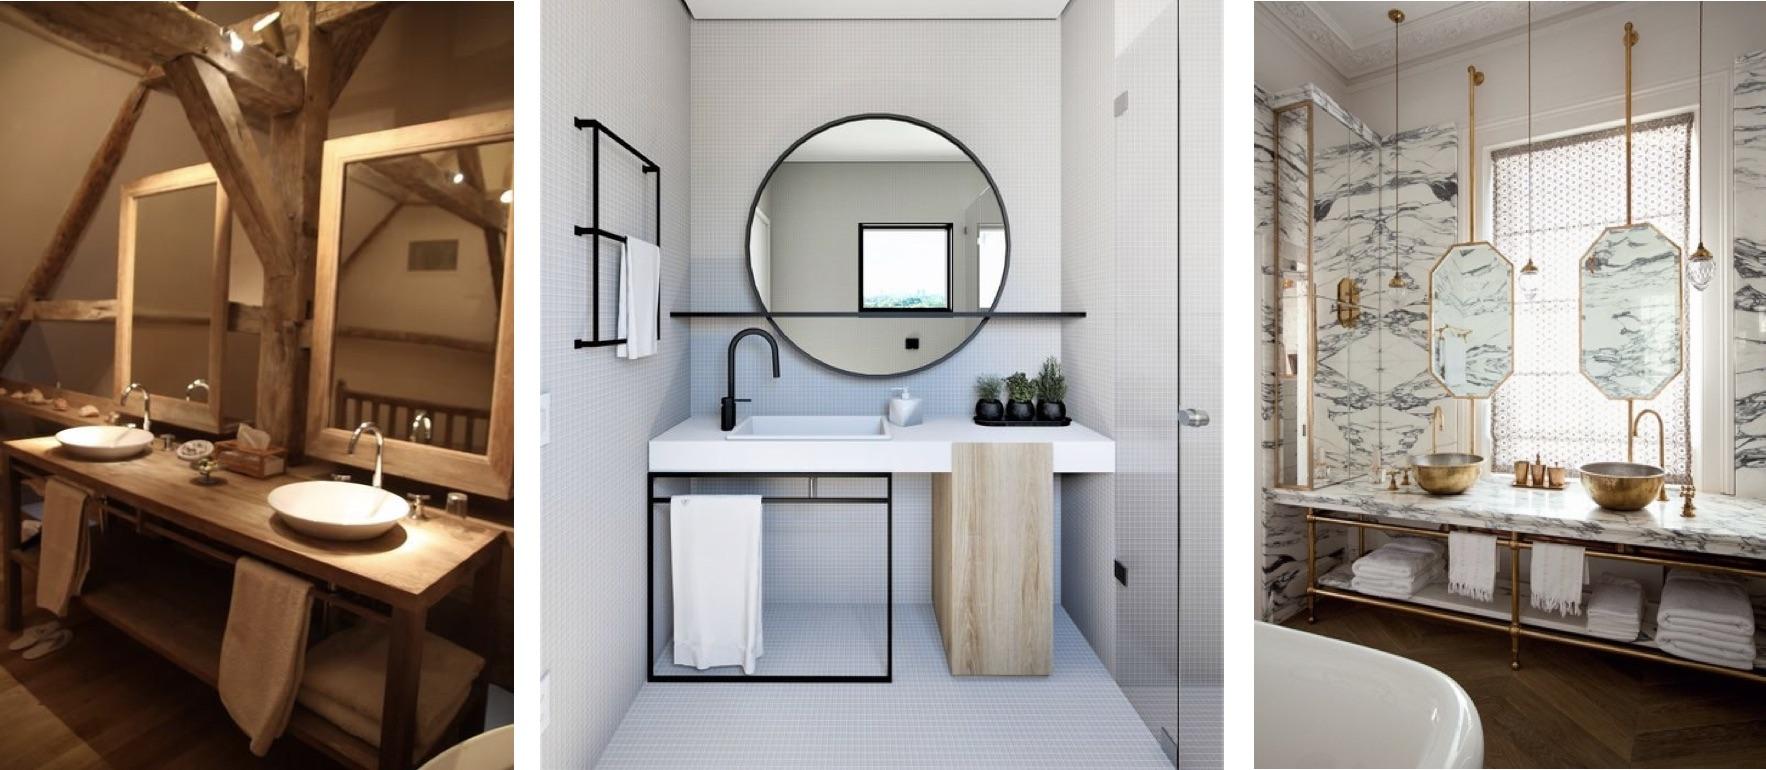 Les miroirs dans une salle de bain